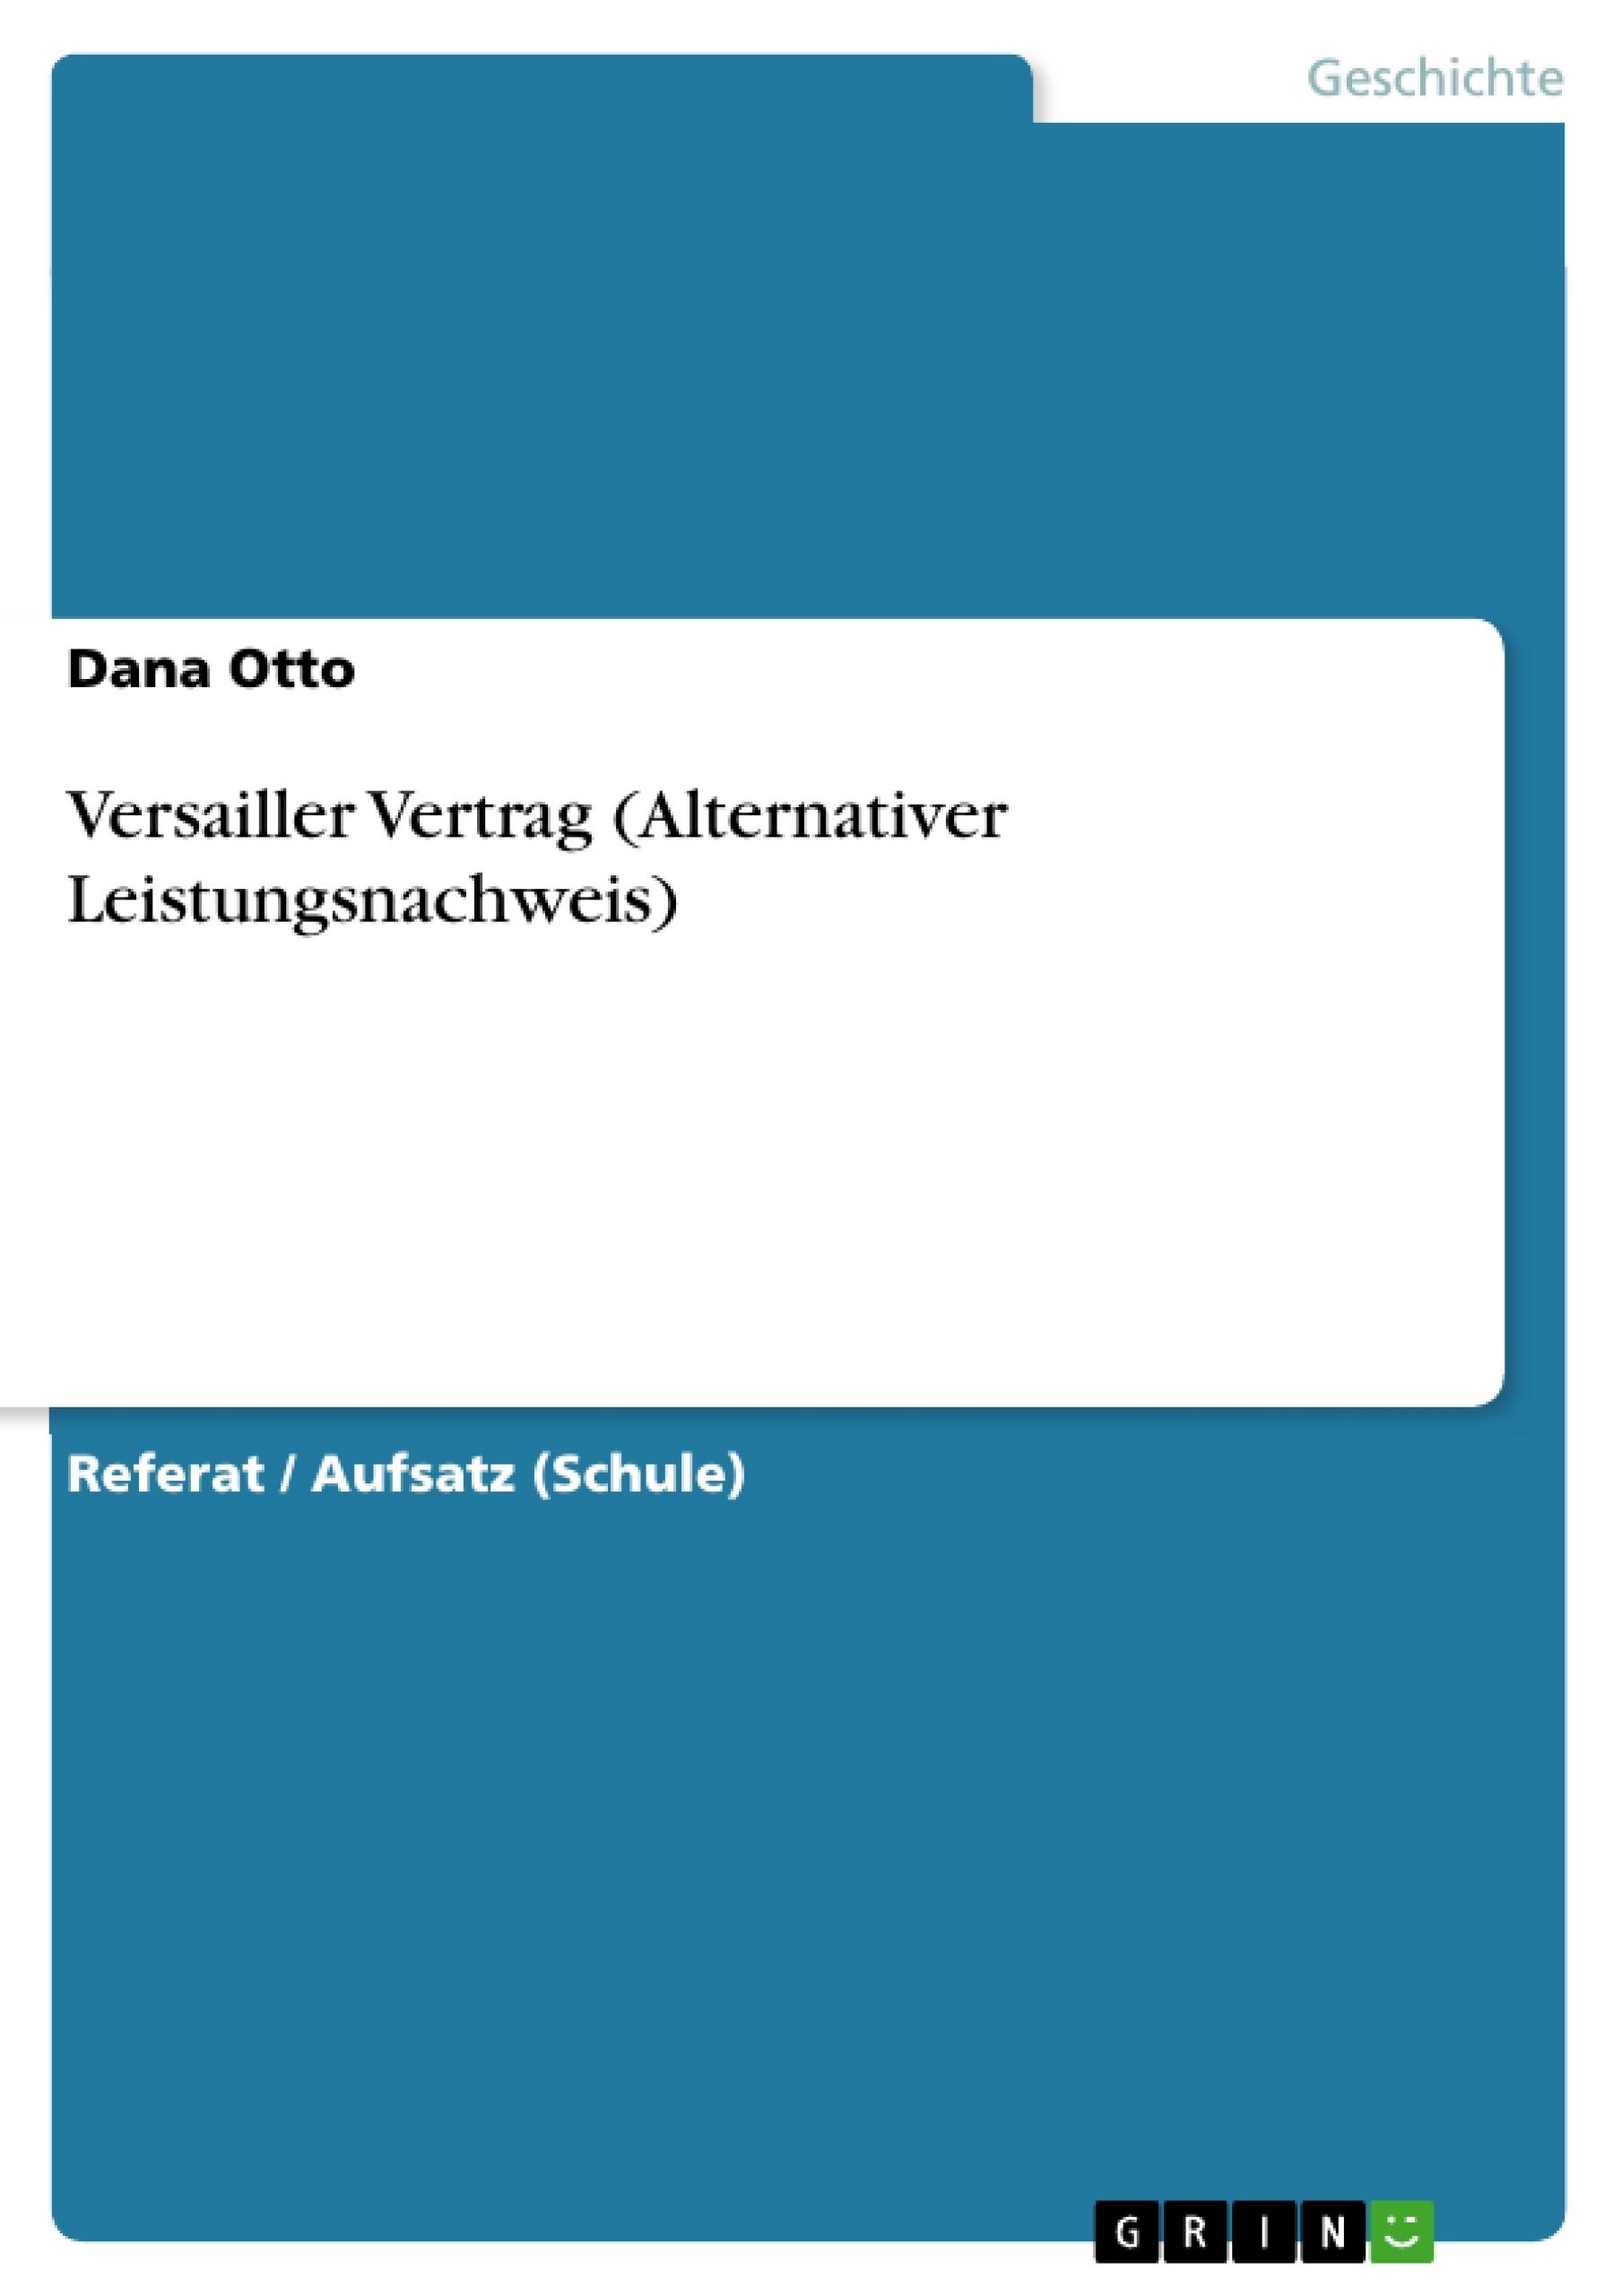 Versailler Vertrag (Alternativer Leistungsnachweis) | Masterarbeit ...